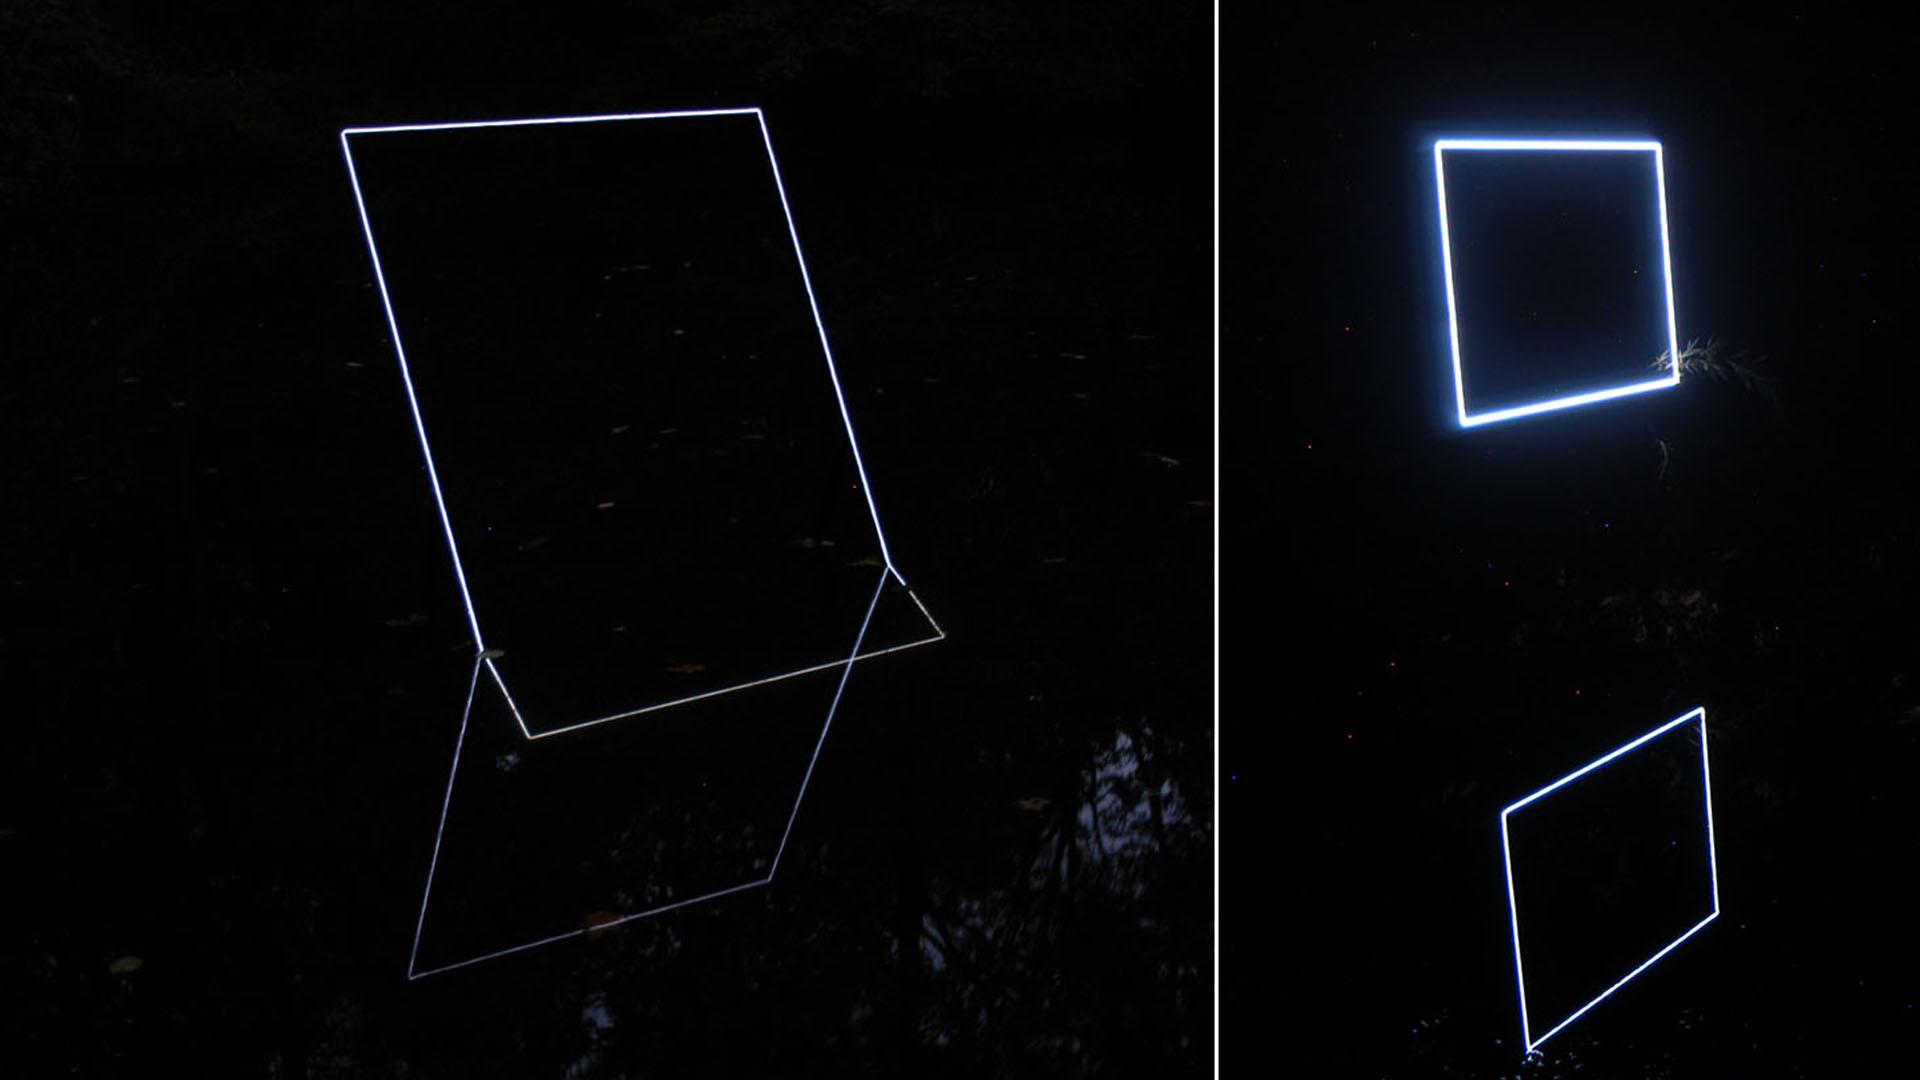 MAASS-Lichtplanung_Lichtkunst<br> Wanderausstellung__MAASS-Gallery-Without-Images-004